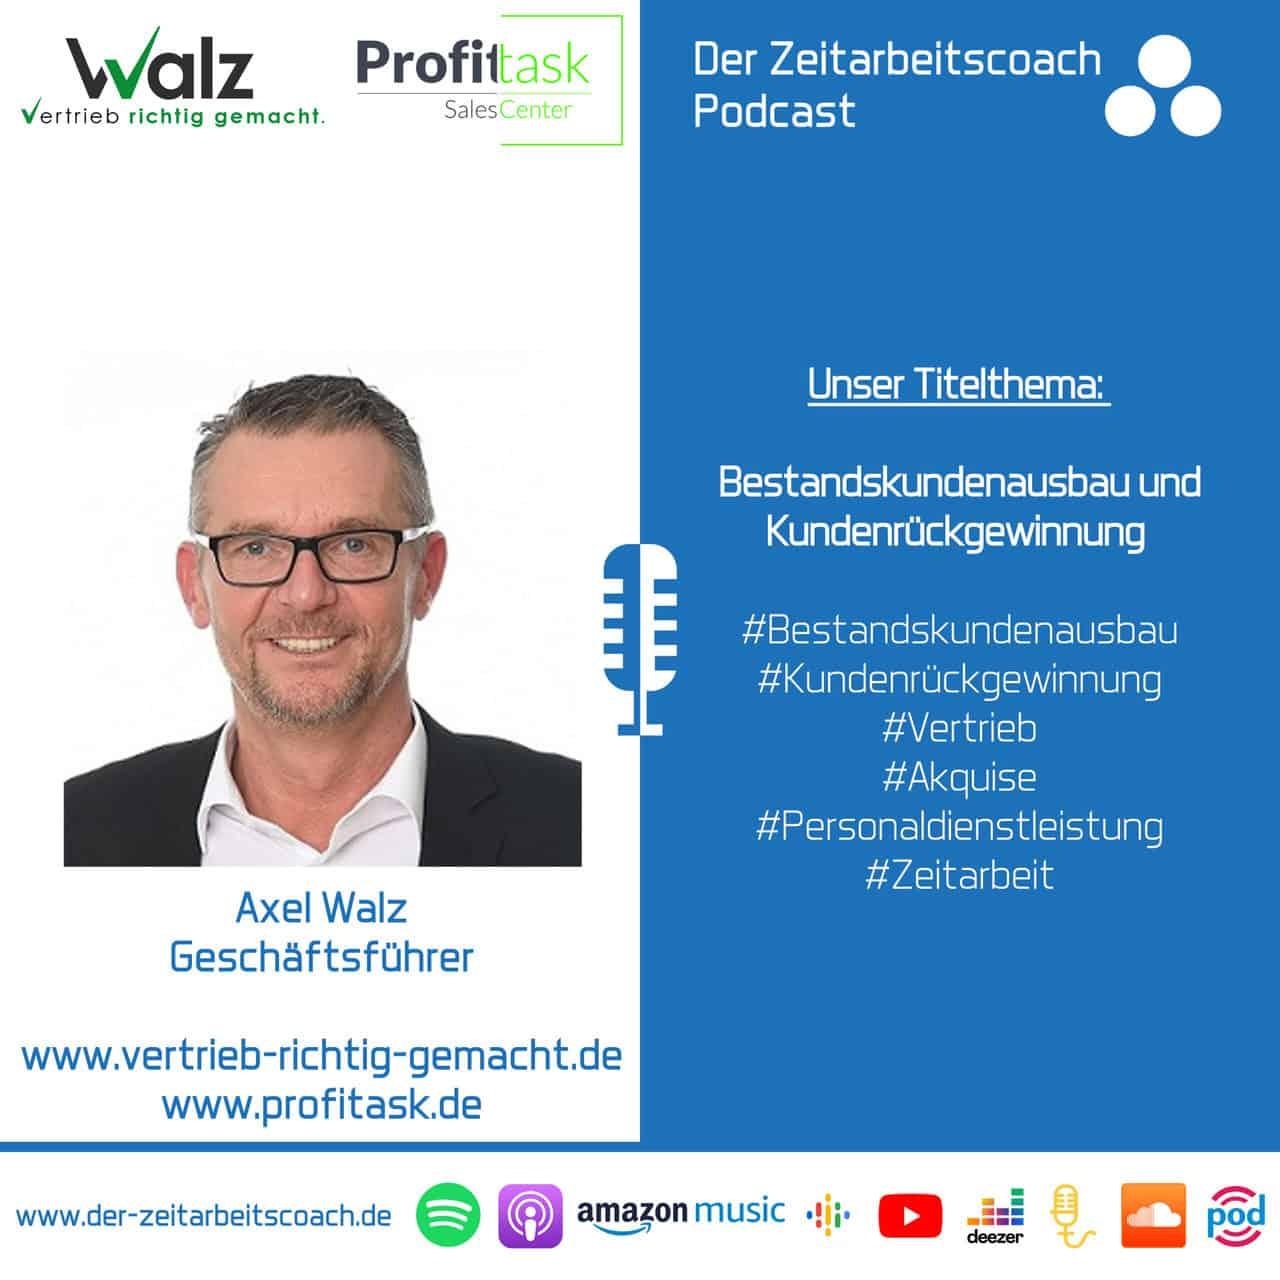 Bestandskundenausbau und Kundenrückgewinnung   Axel Walz im Zeitarbeitscoach Podcast-Interview